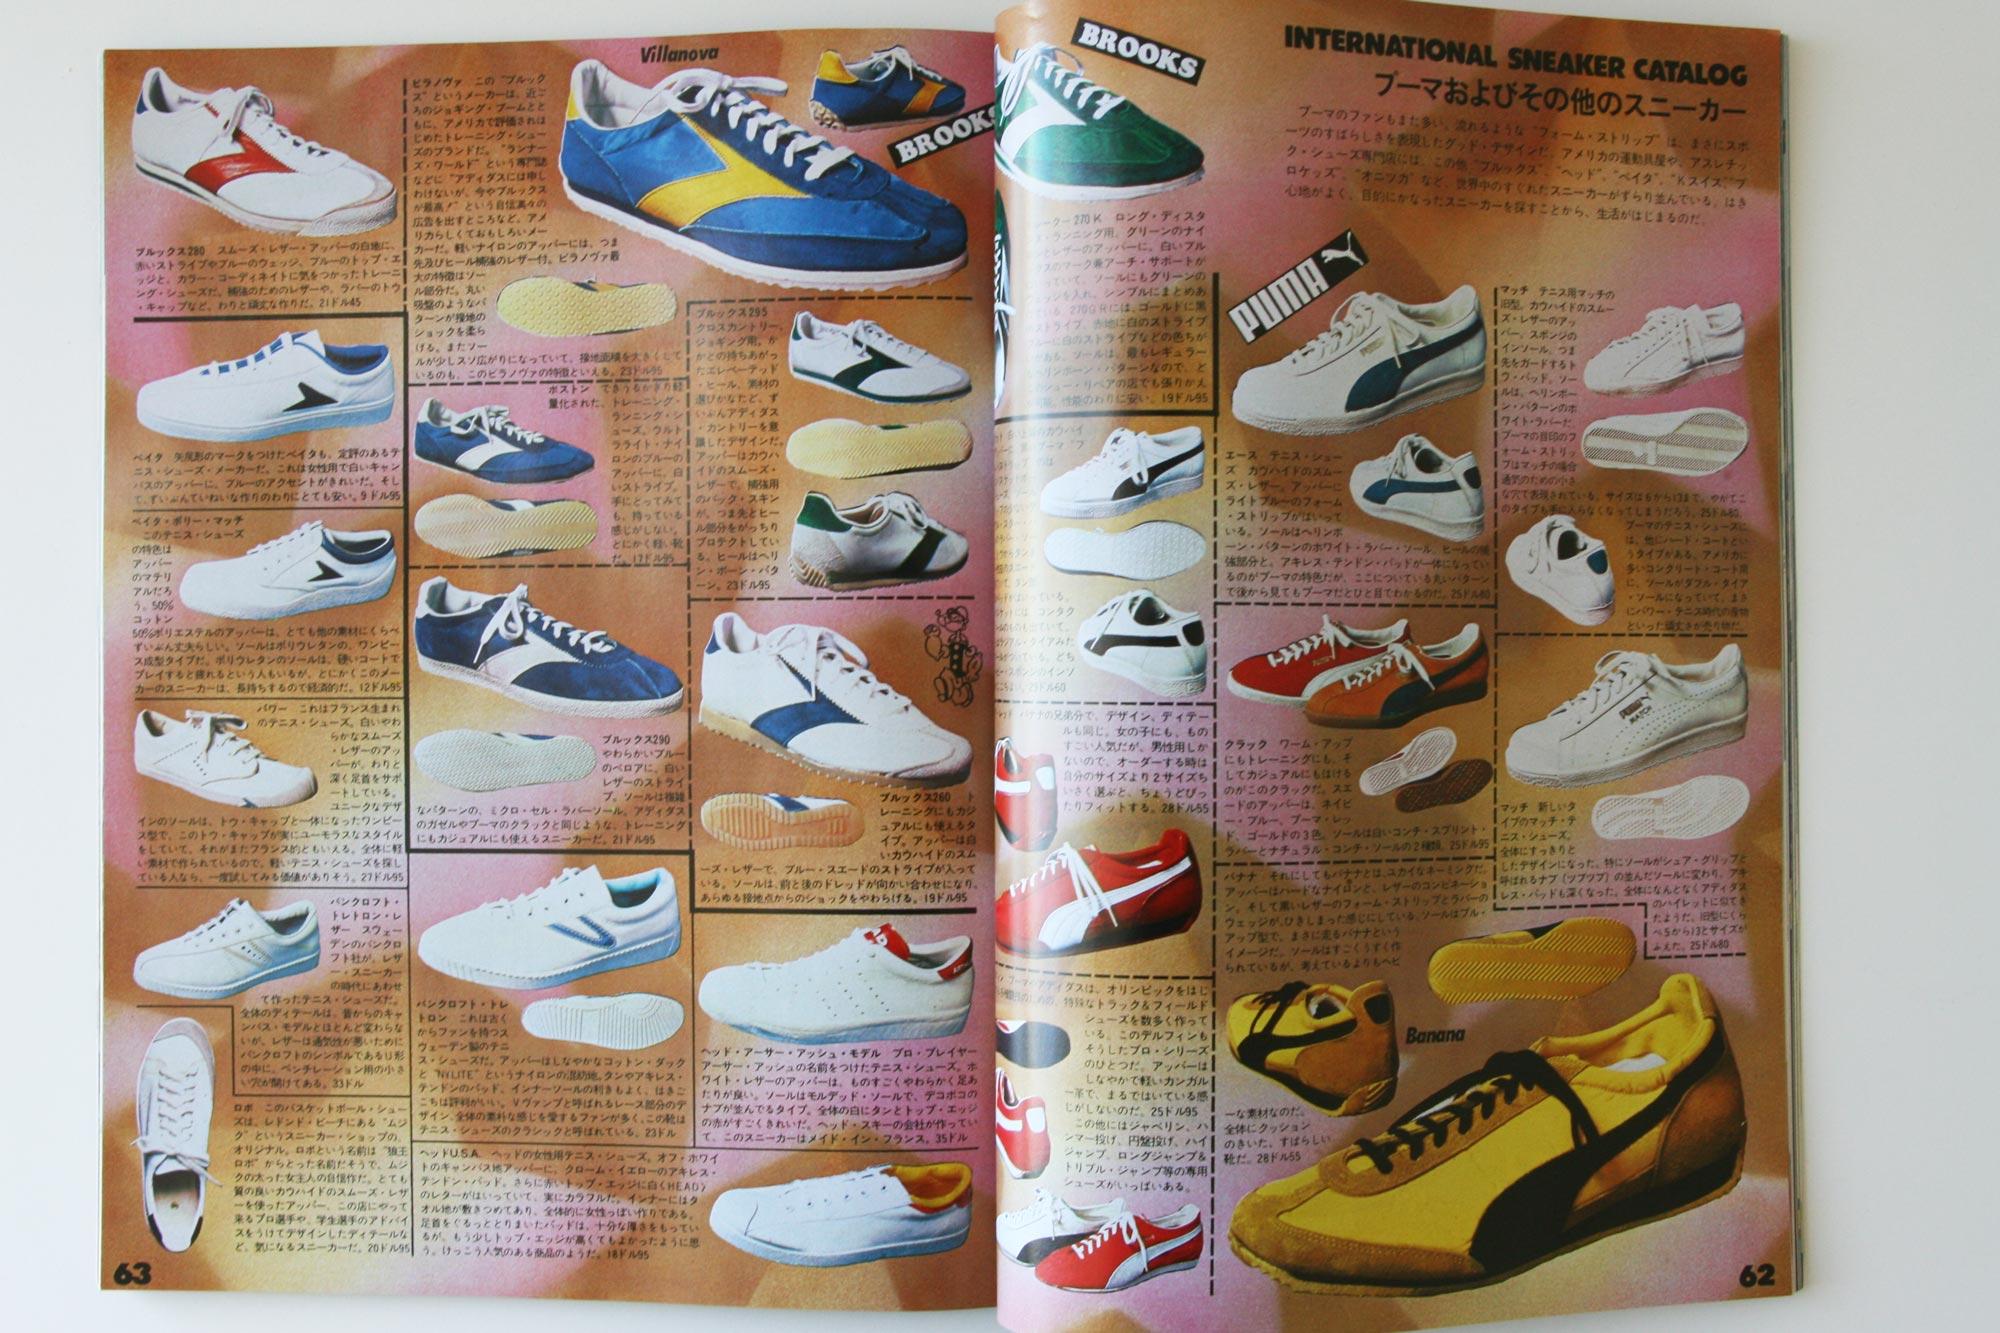 popeye-tokyo-sneakers_4570